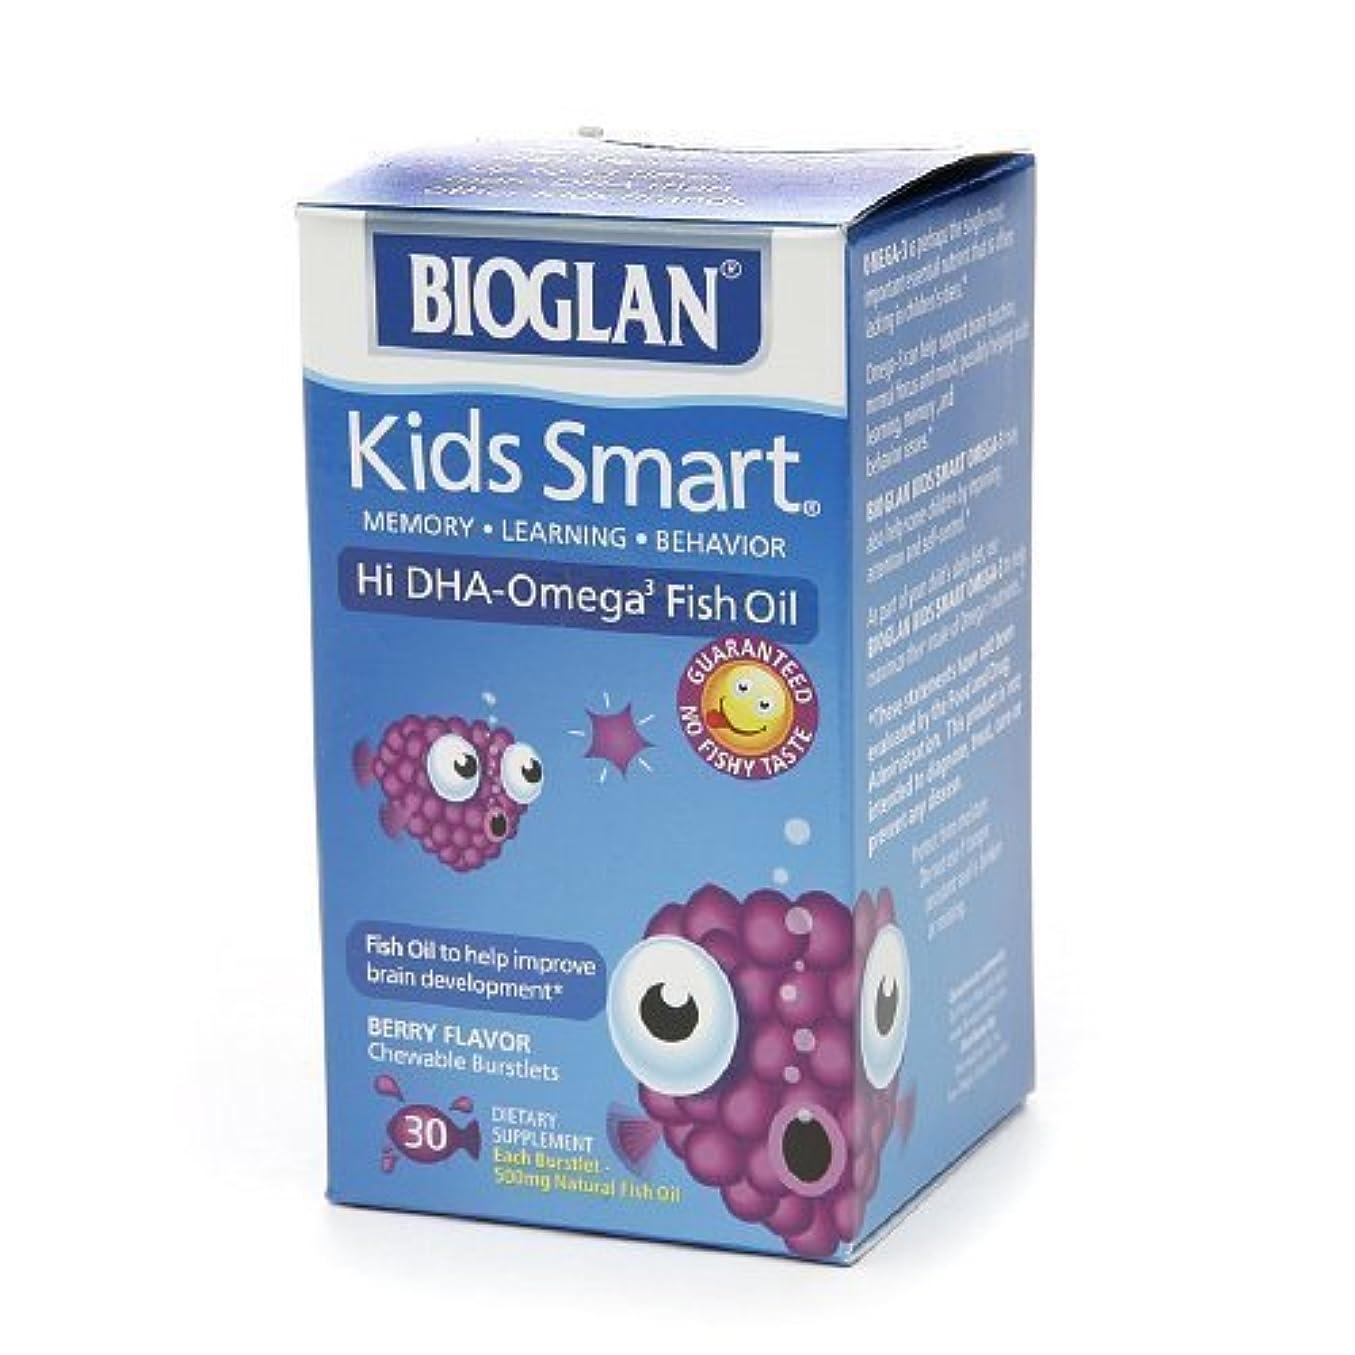 メトロポリタン海軍豊富なBioGlan Kids Smart Hi DHA Omega-3 Fish Oil, Chewable Burstlets, Berry--30 ea-Product ID DRU-318828_1 by bioglan...